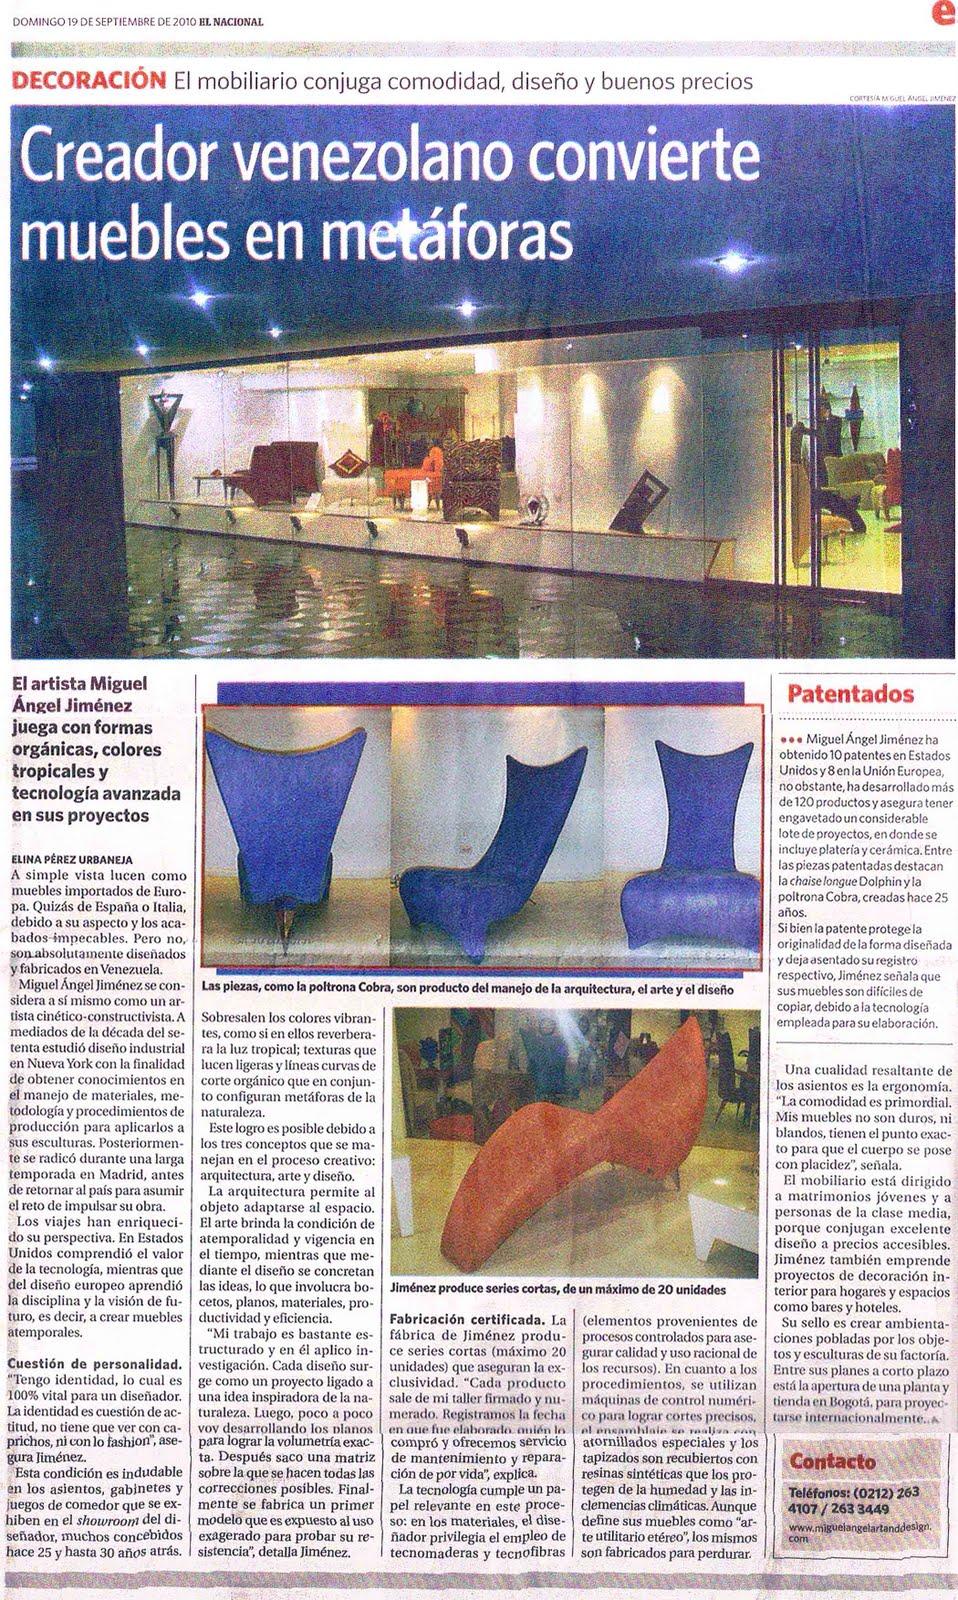 Miguel ngel jim nez creador venezolano convierte muebles en met fora - Muebles miguel angel cadiz ...